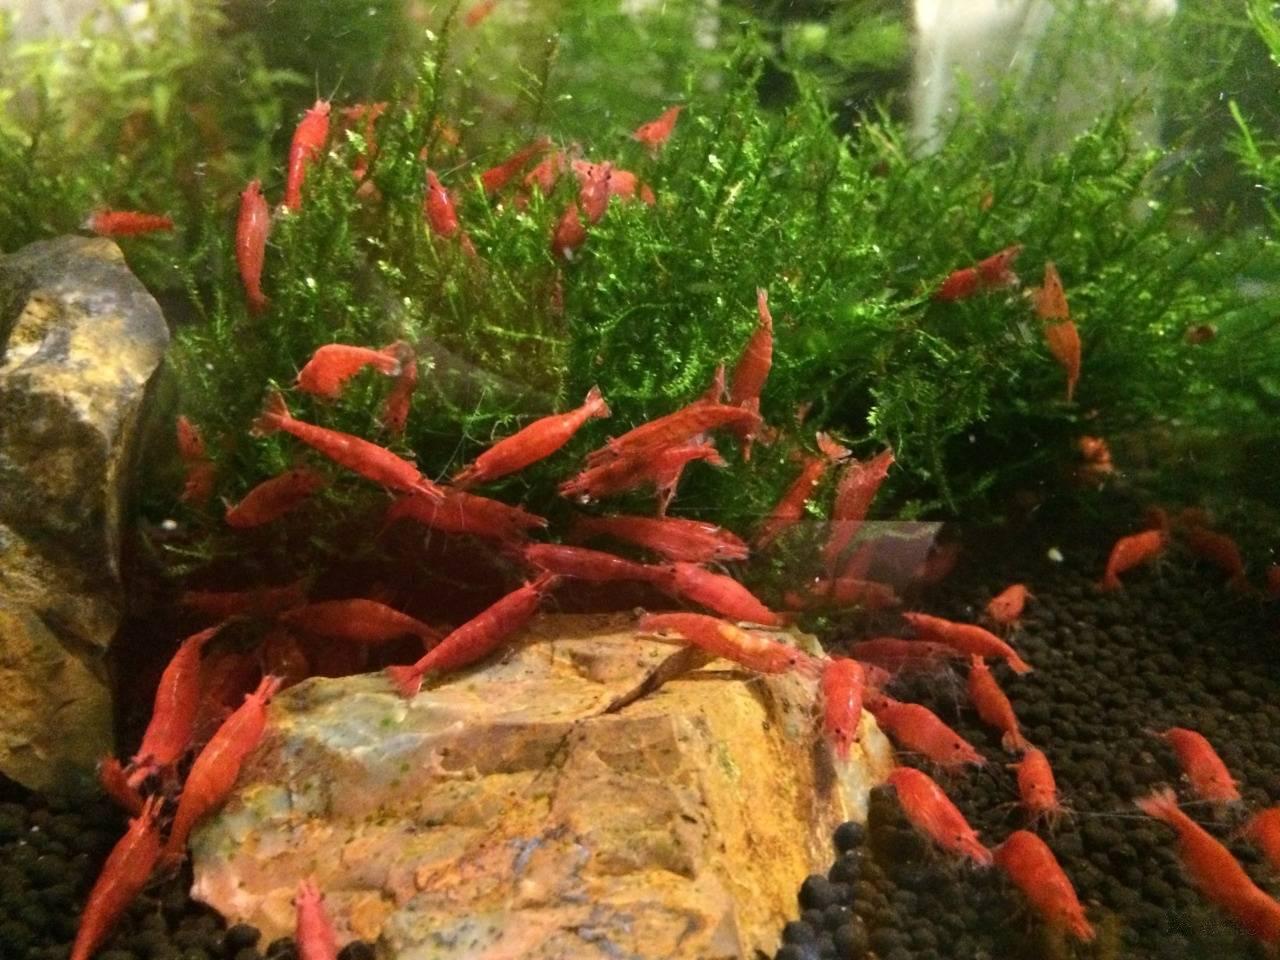 Креветки в аквариуме с рыбками - как устроить мирное сожительство